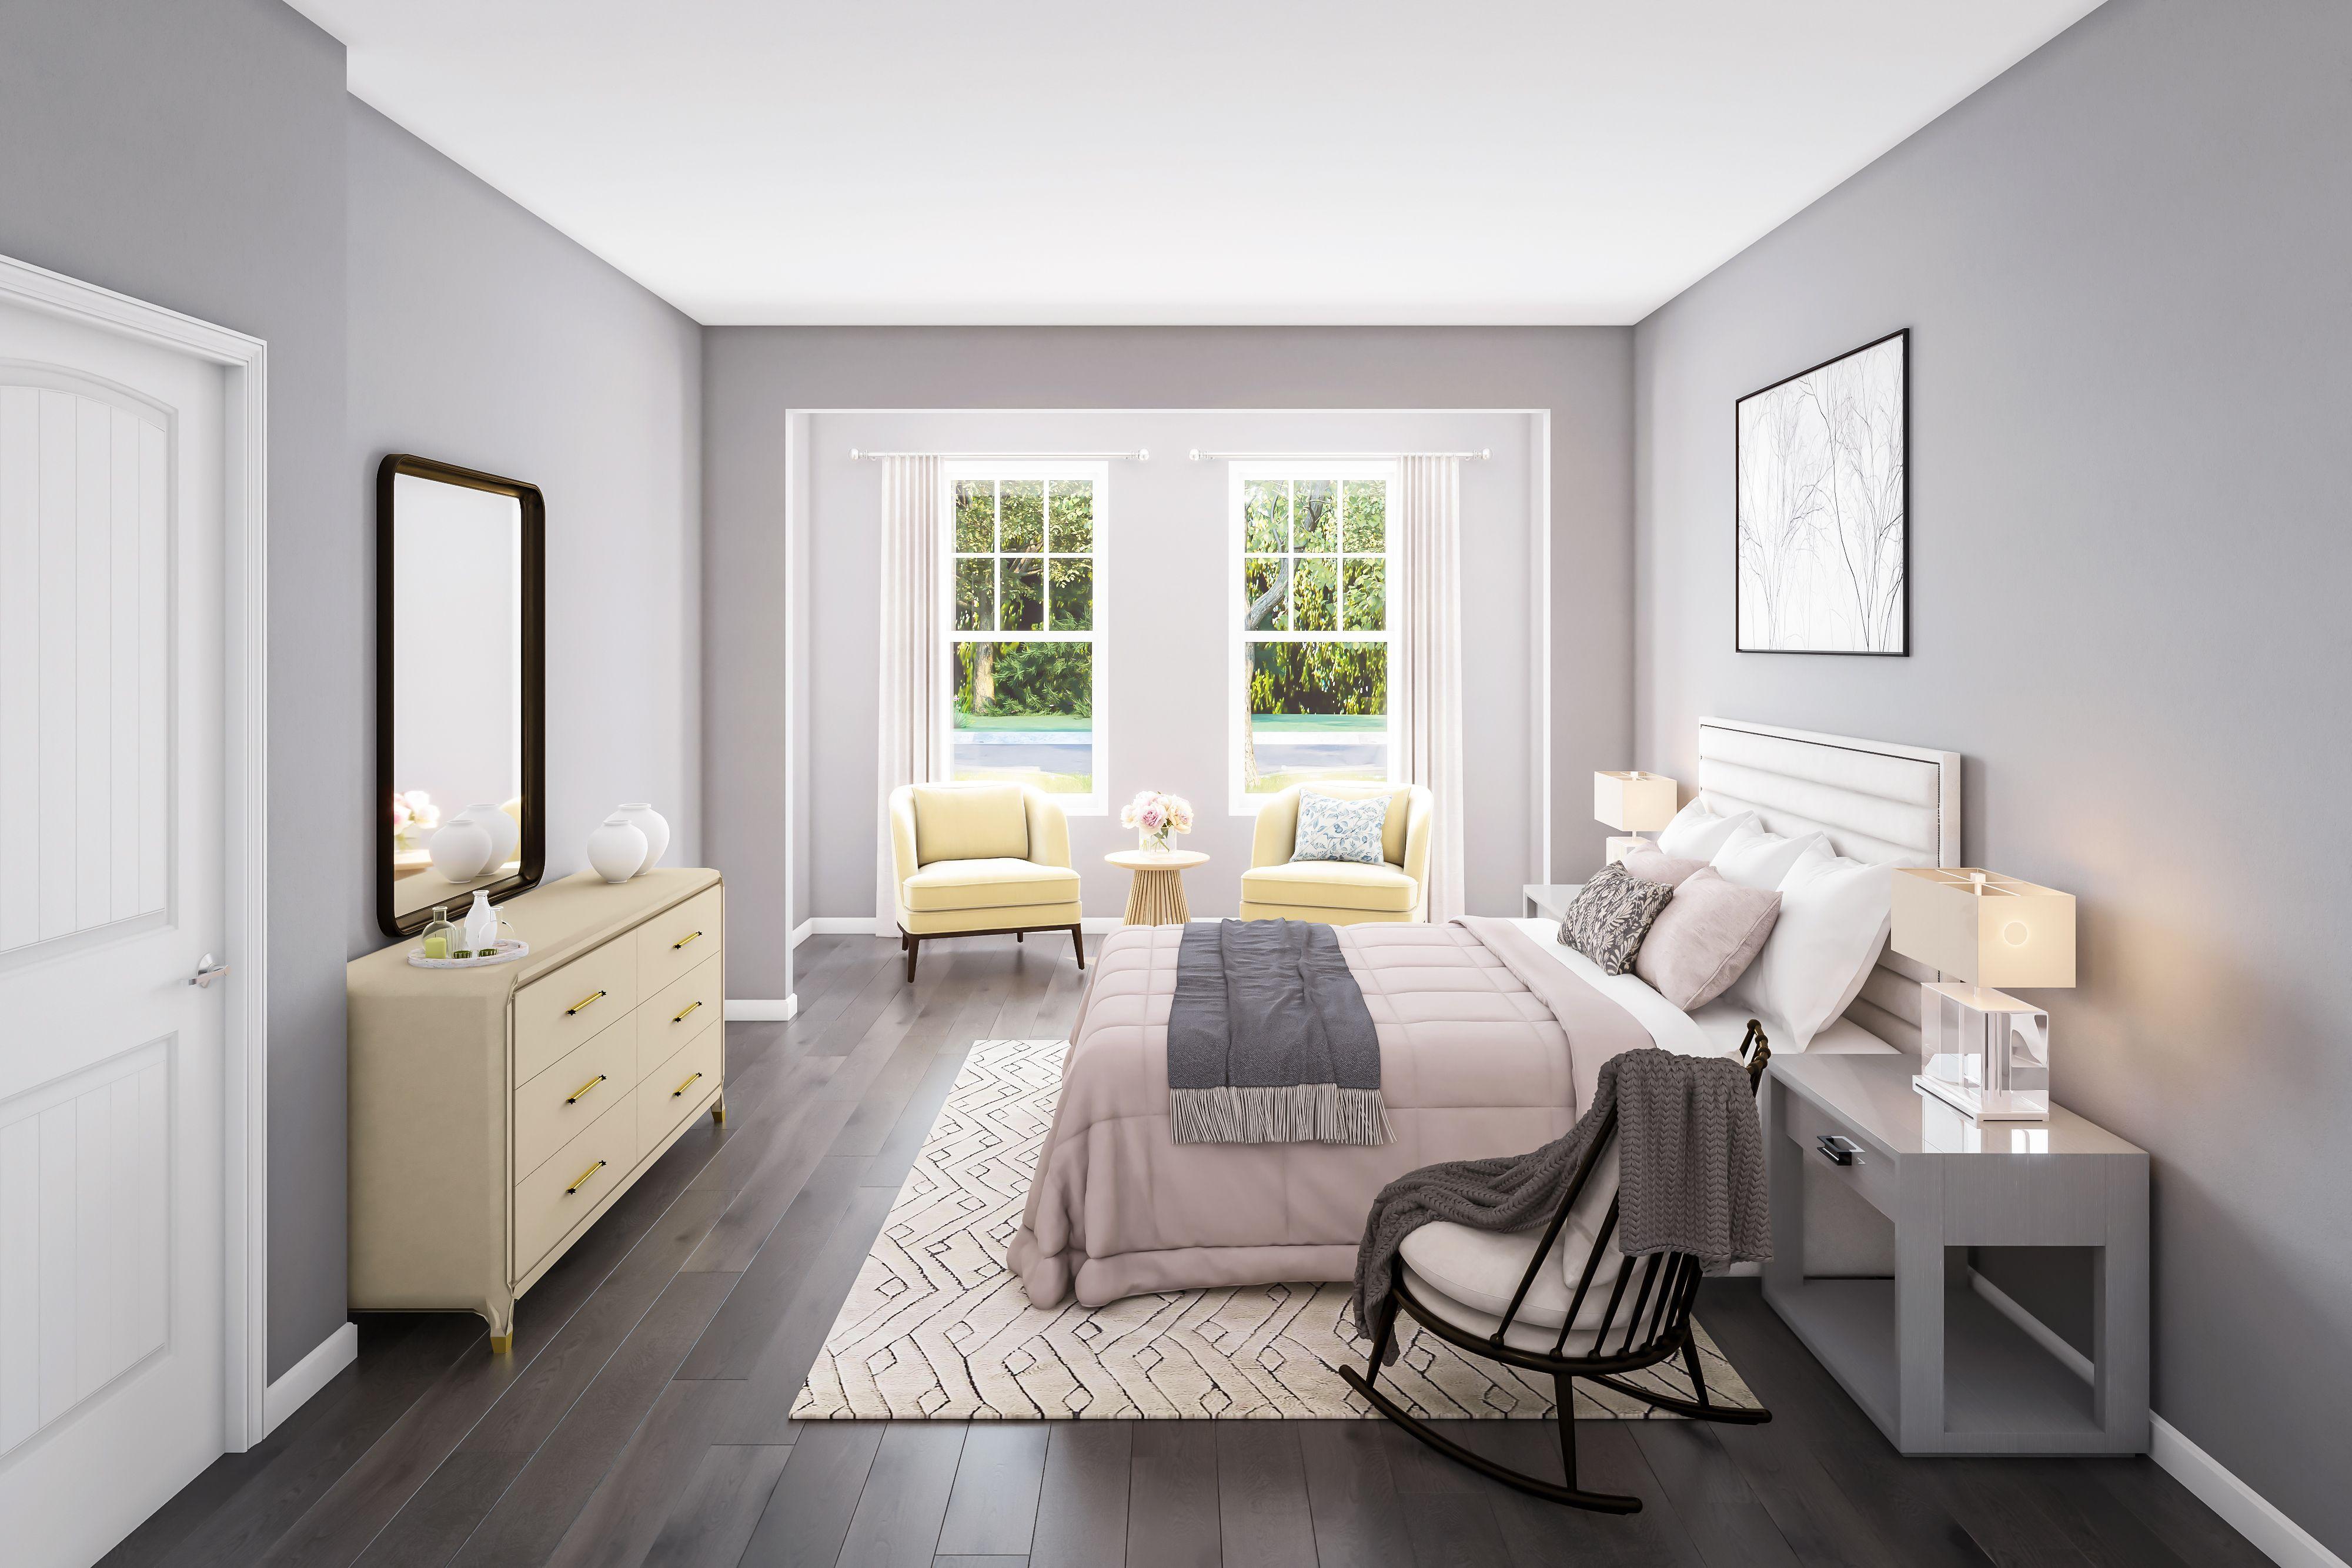 Bedroom featured in The Sandpiper By McKee Builders in Sussex, DE